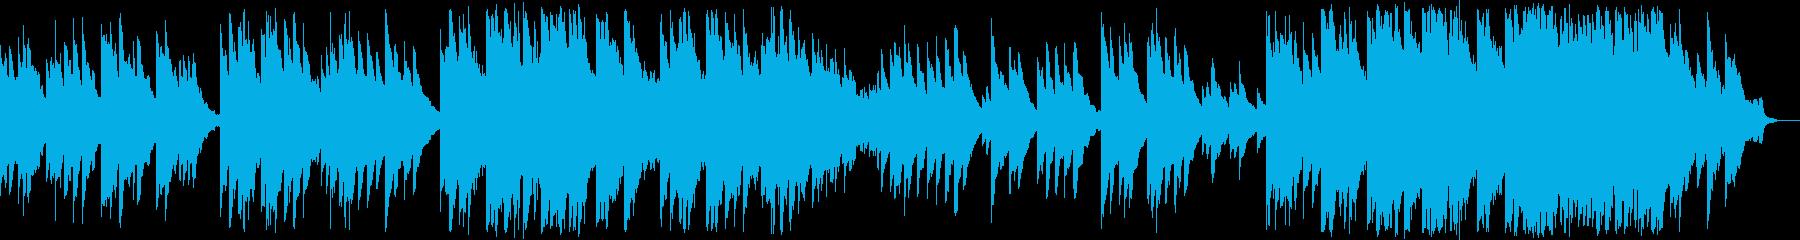 哀愁漂う切ないエレピの旋律が印象に残る曲の再生済みの波形